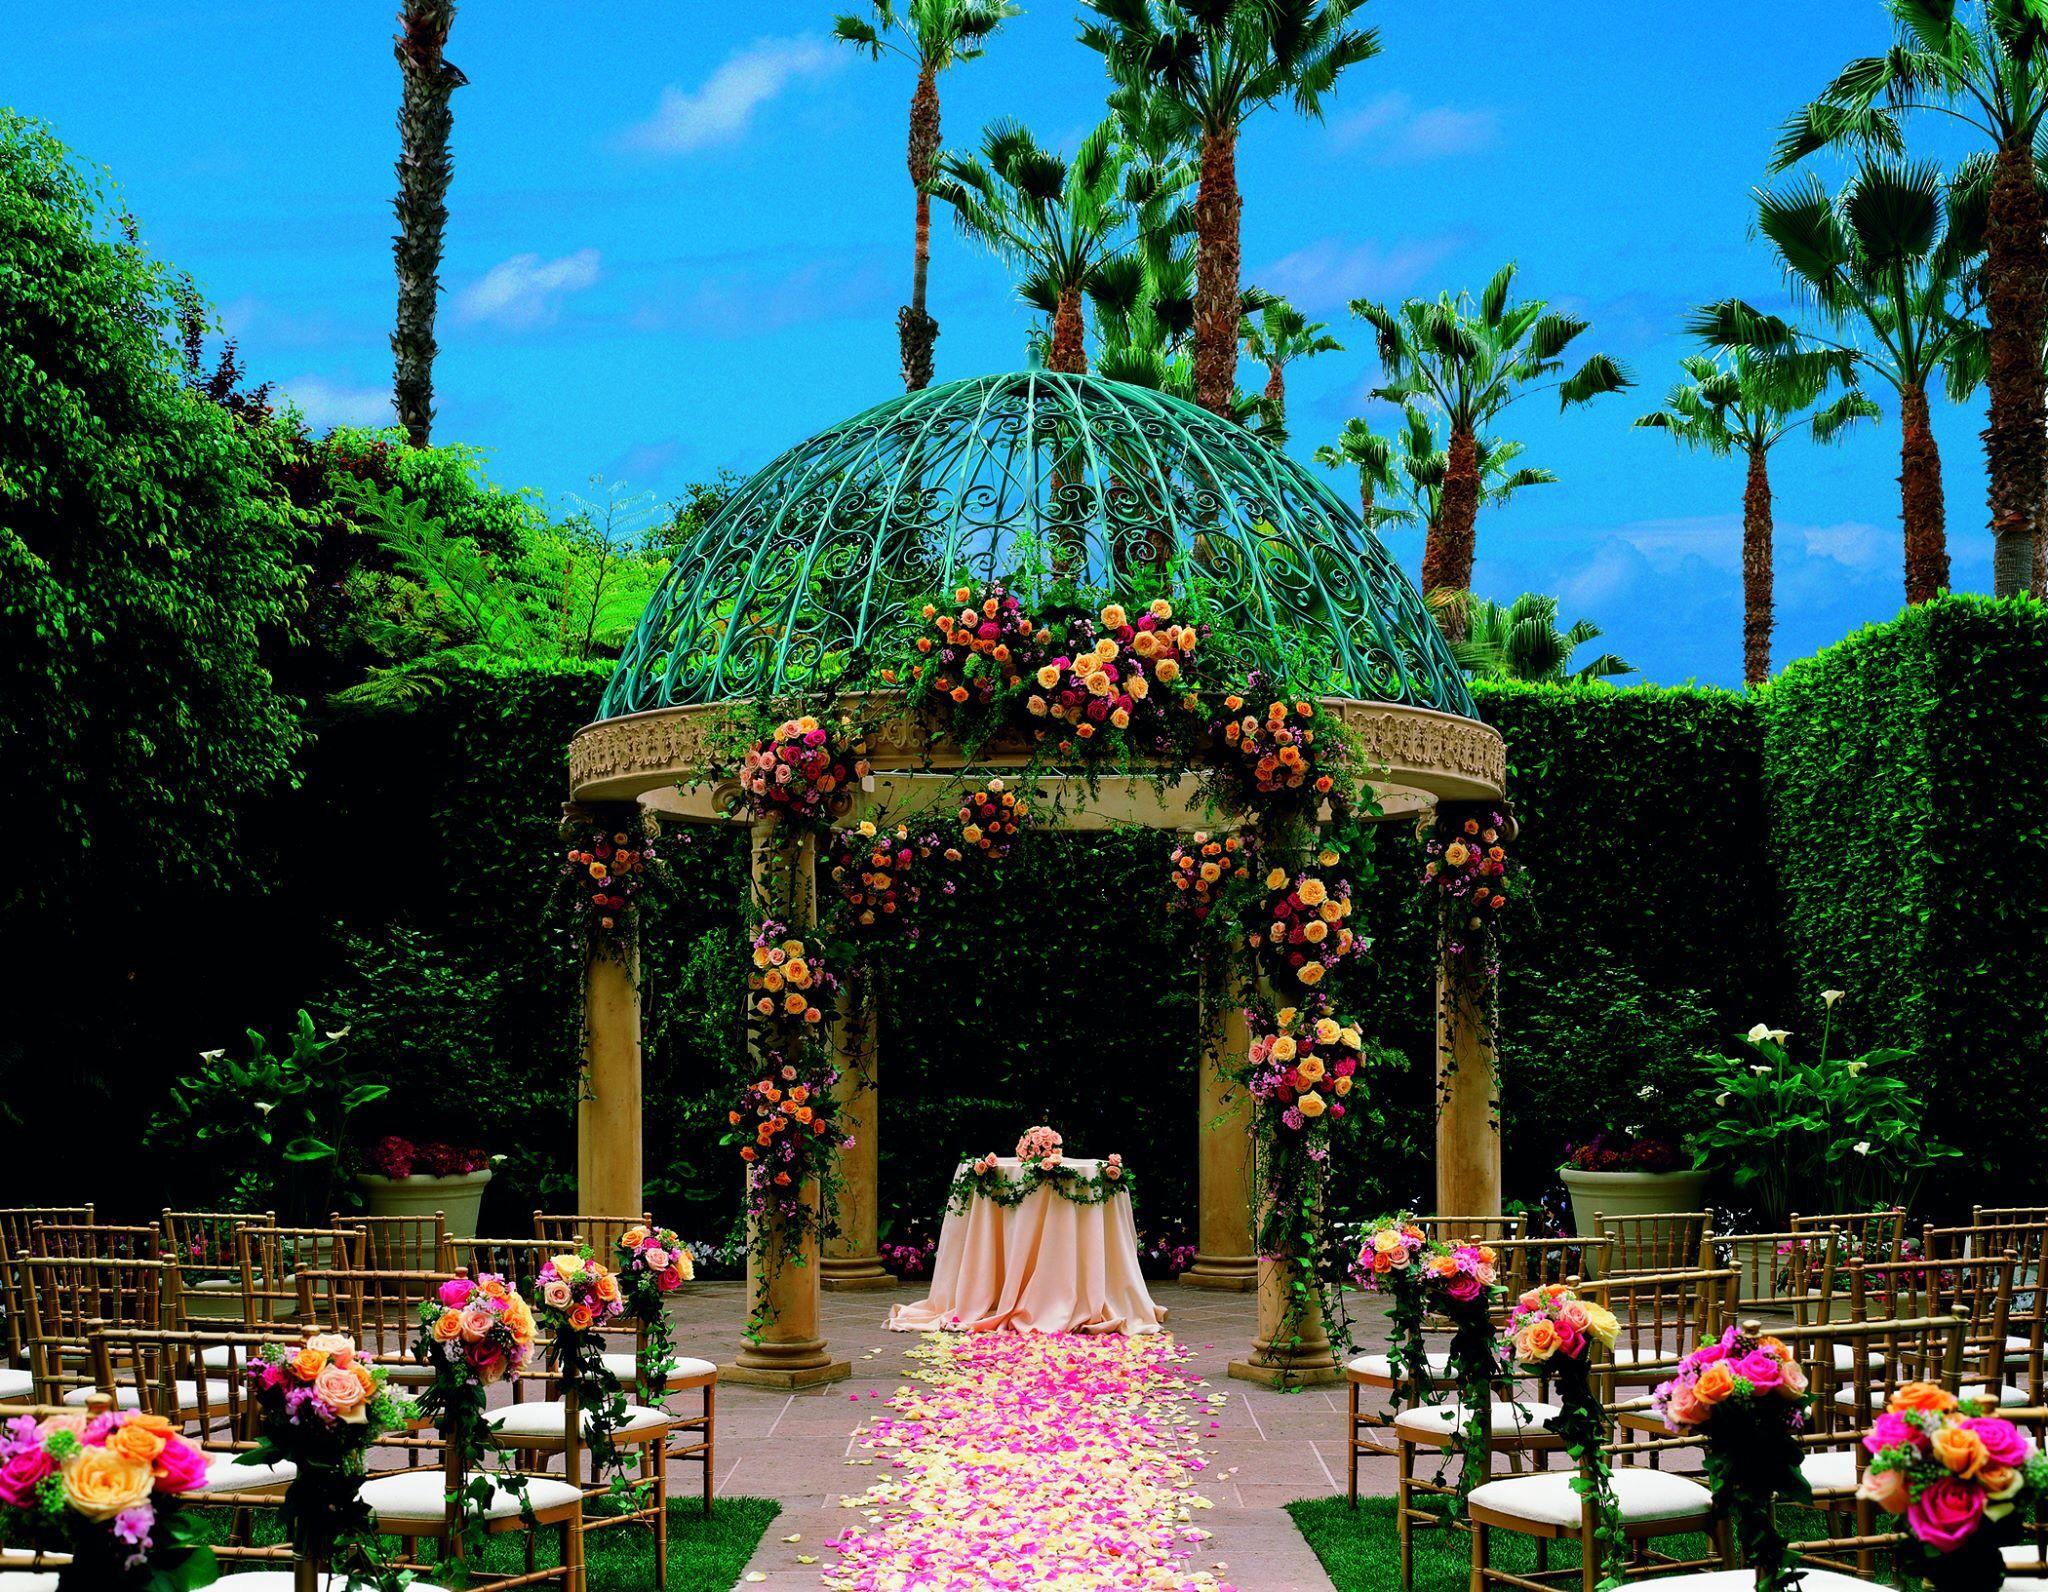 Beautiful wedding ceremony rangement outdoor gazebos